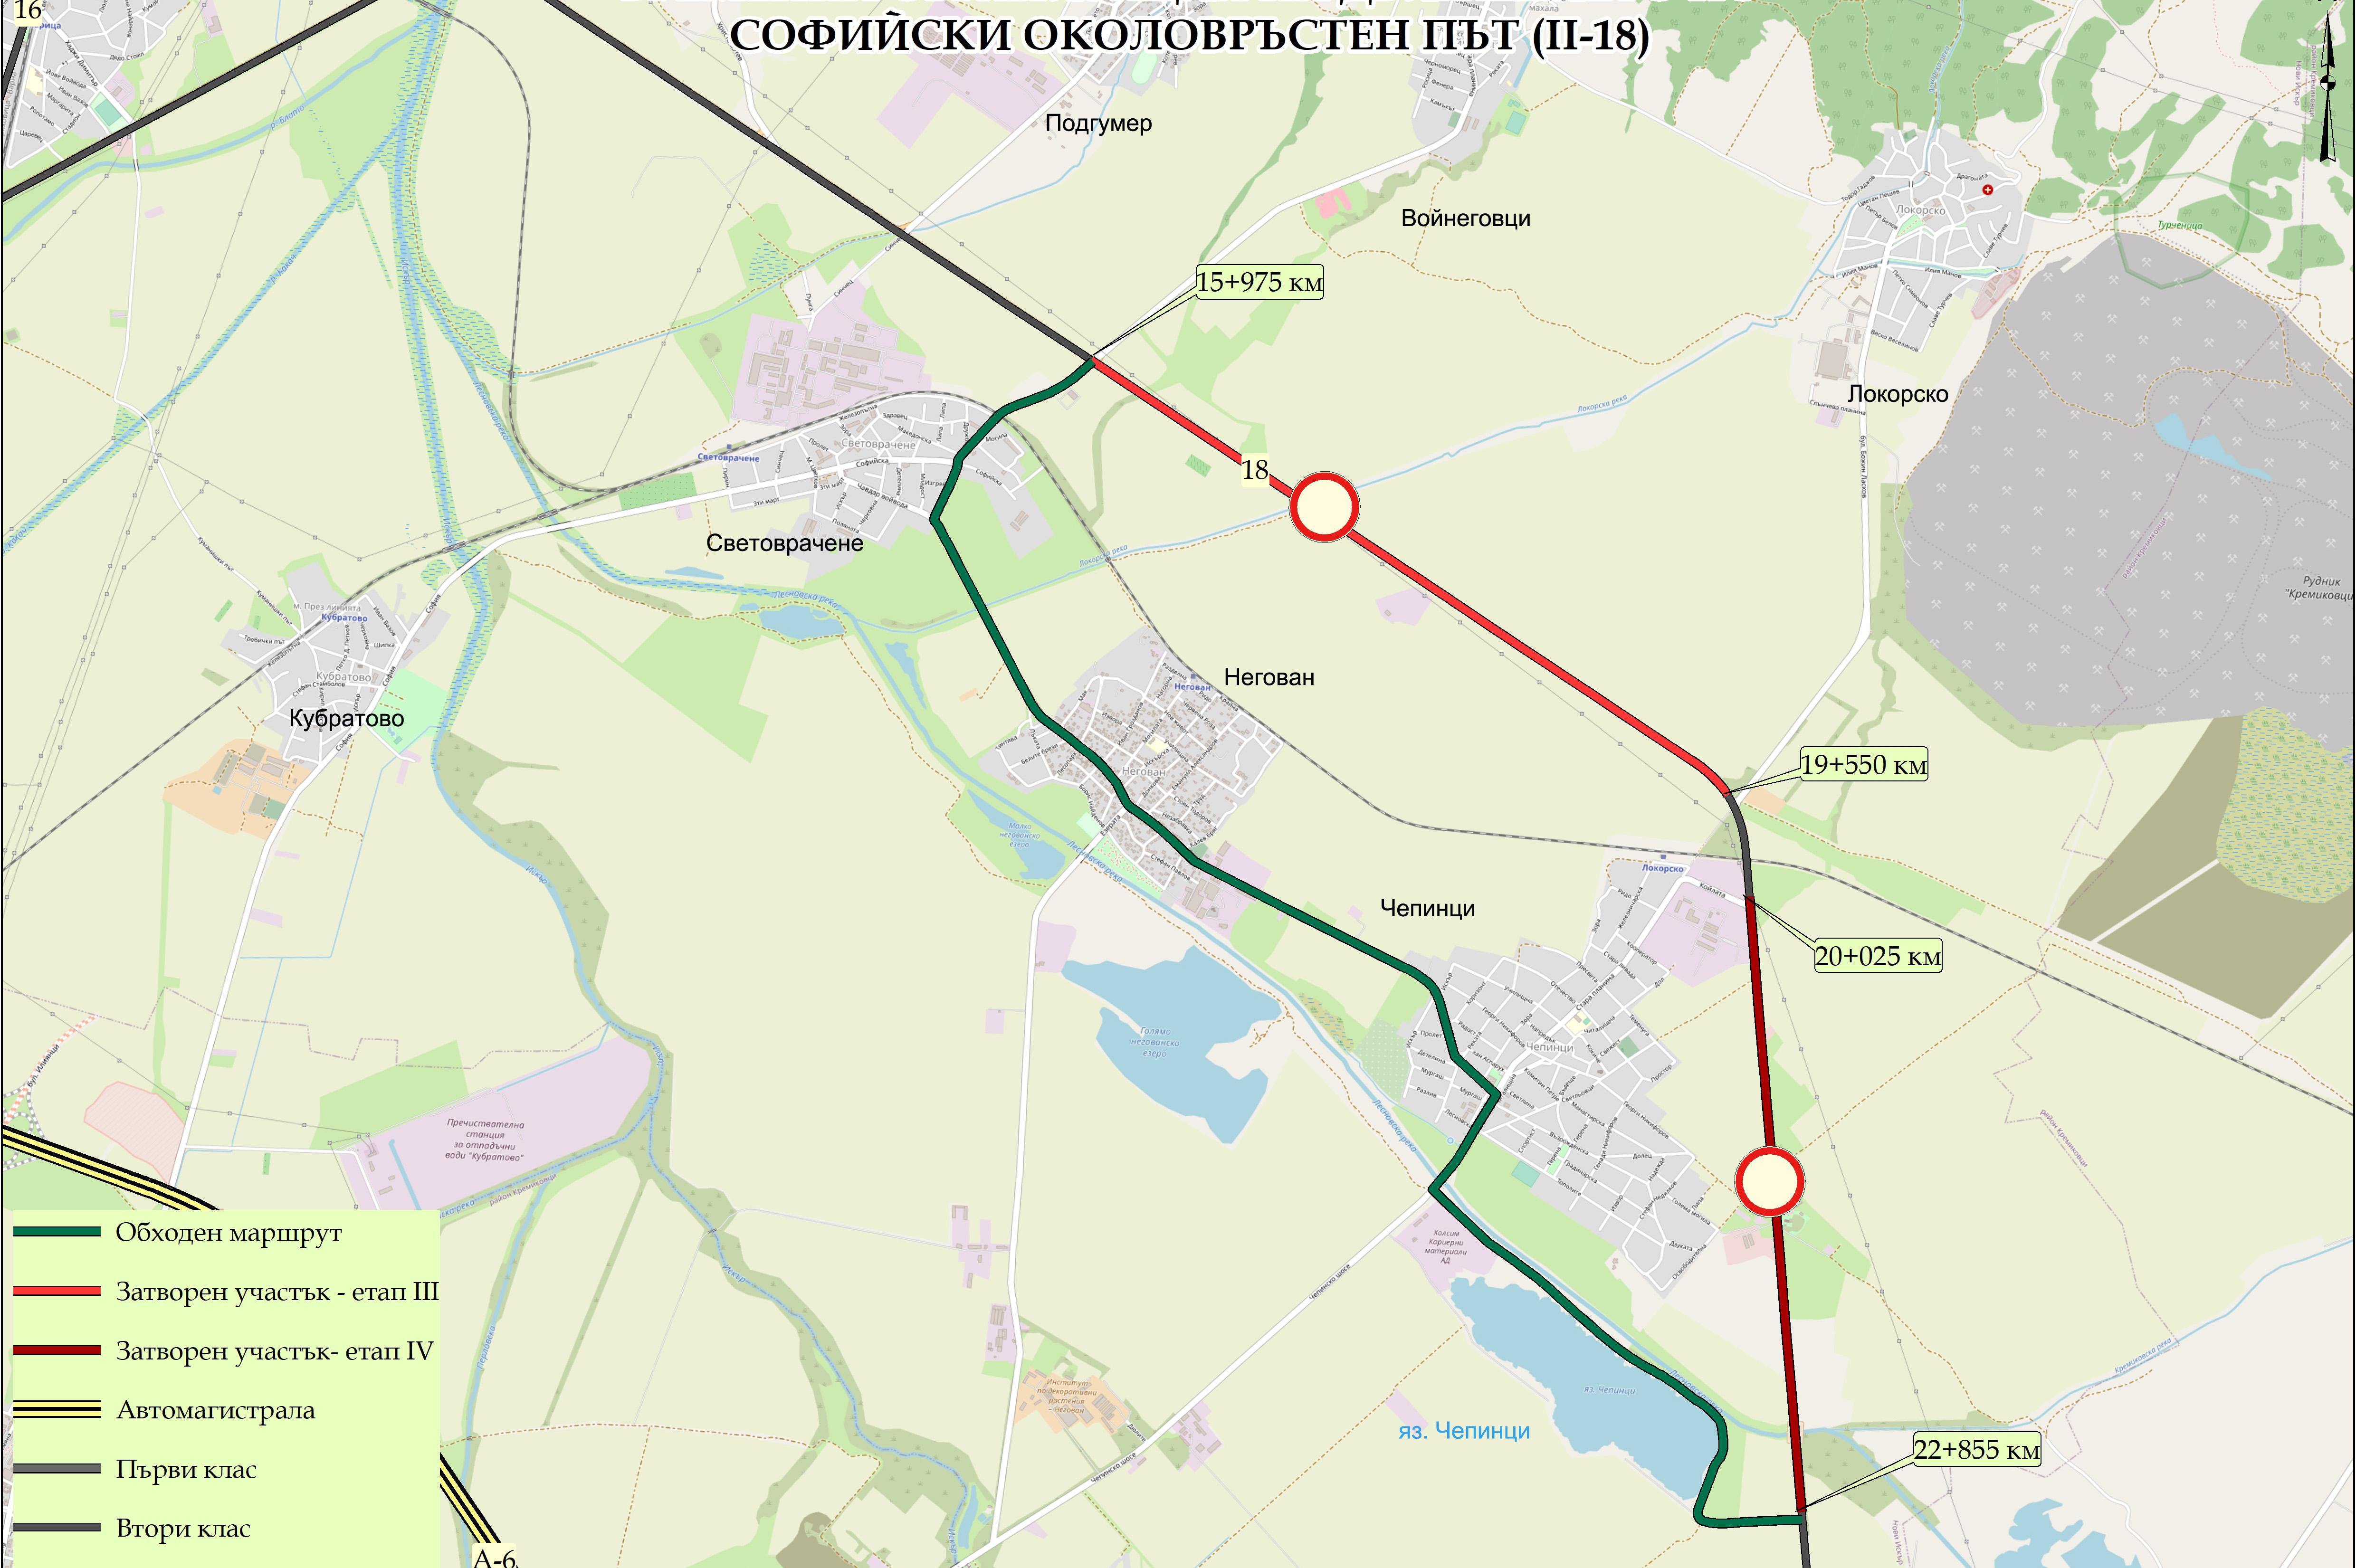 Ремонт затваря Северната дъга - участъкът между Световрачене и Чепинци